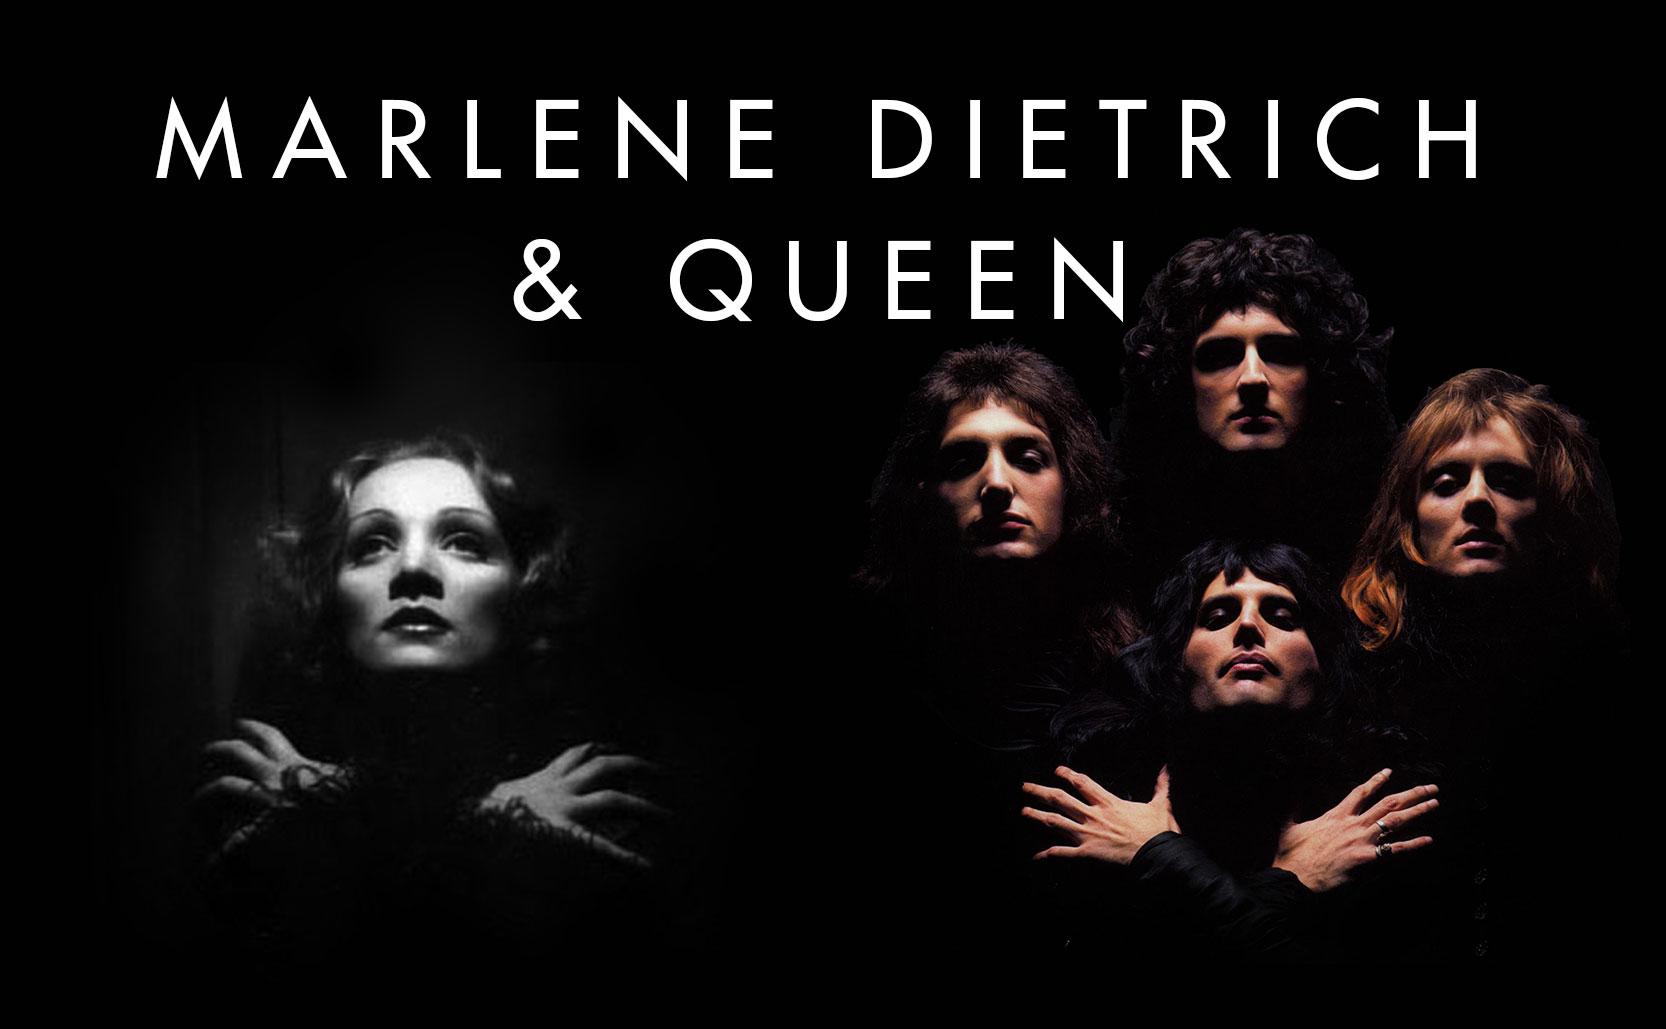 Marlene Dietrich & Queen